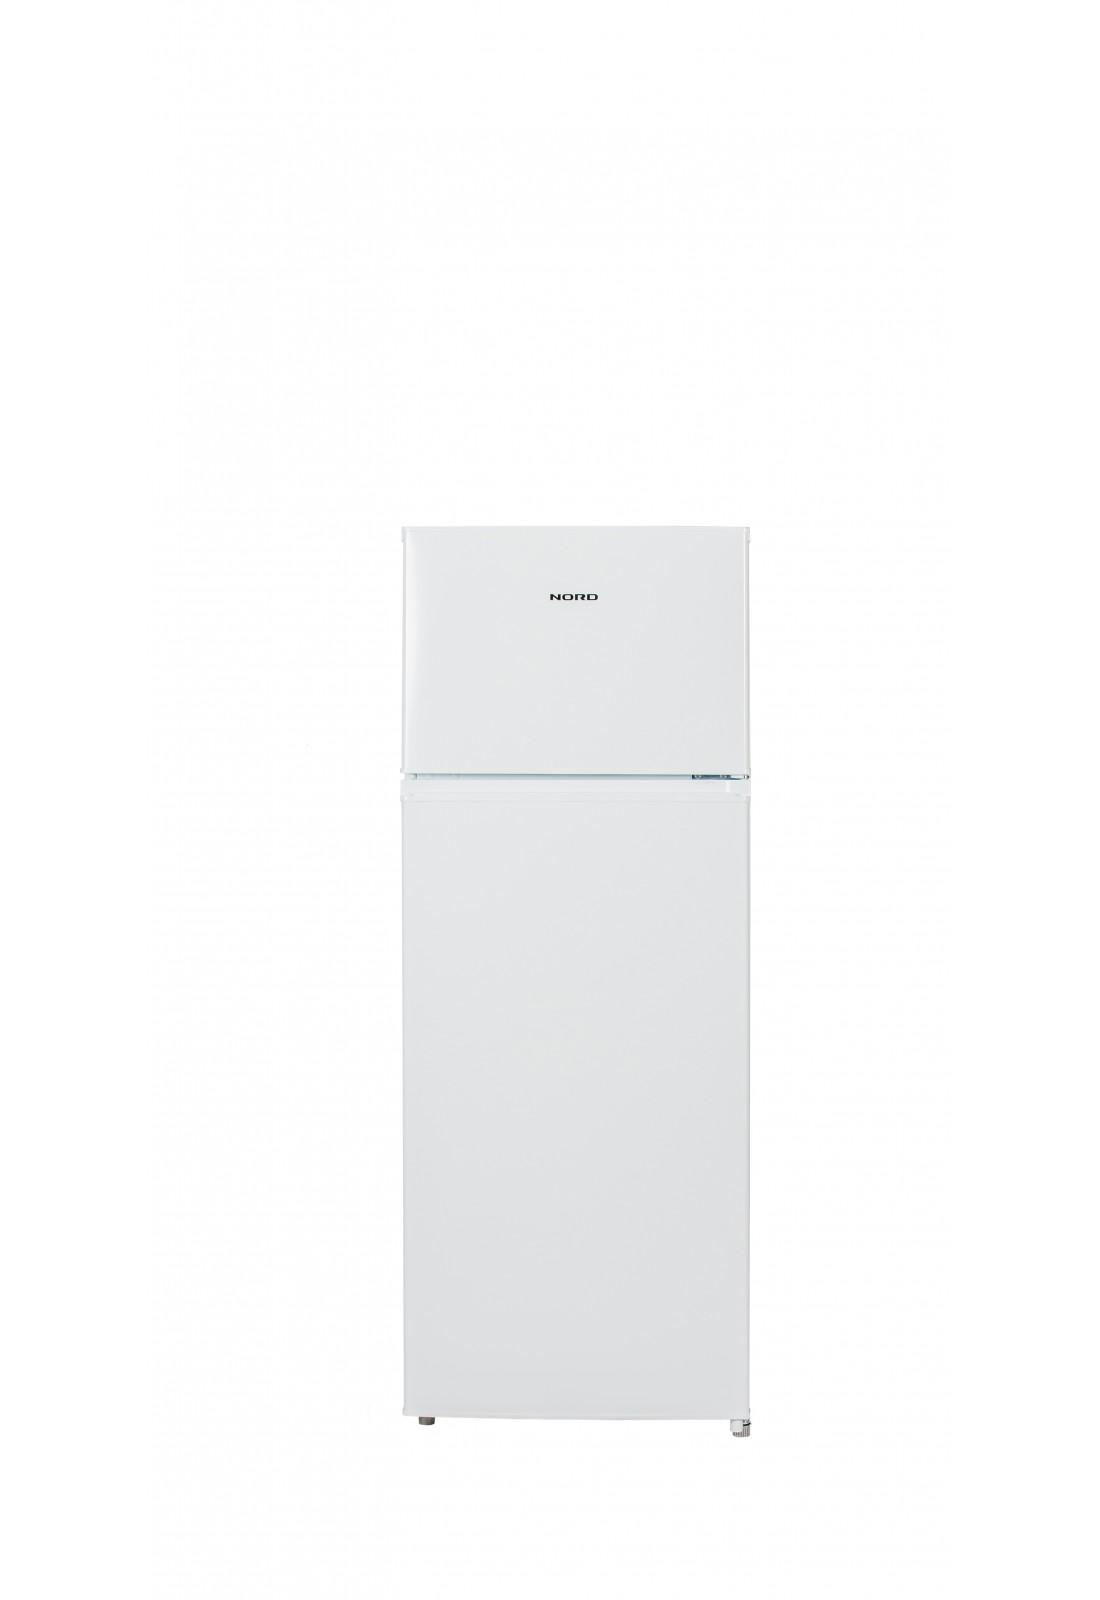 Дверця холодильної камери холодильника NORD T 271